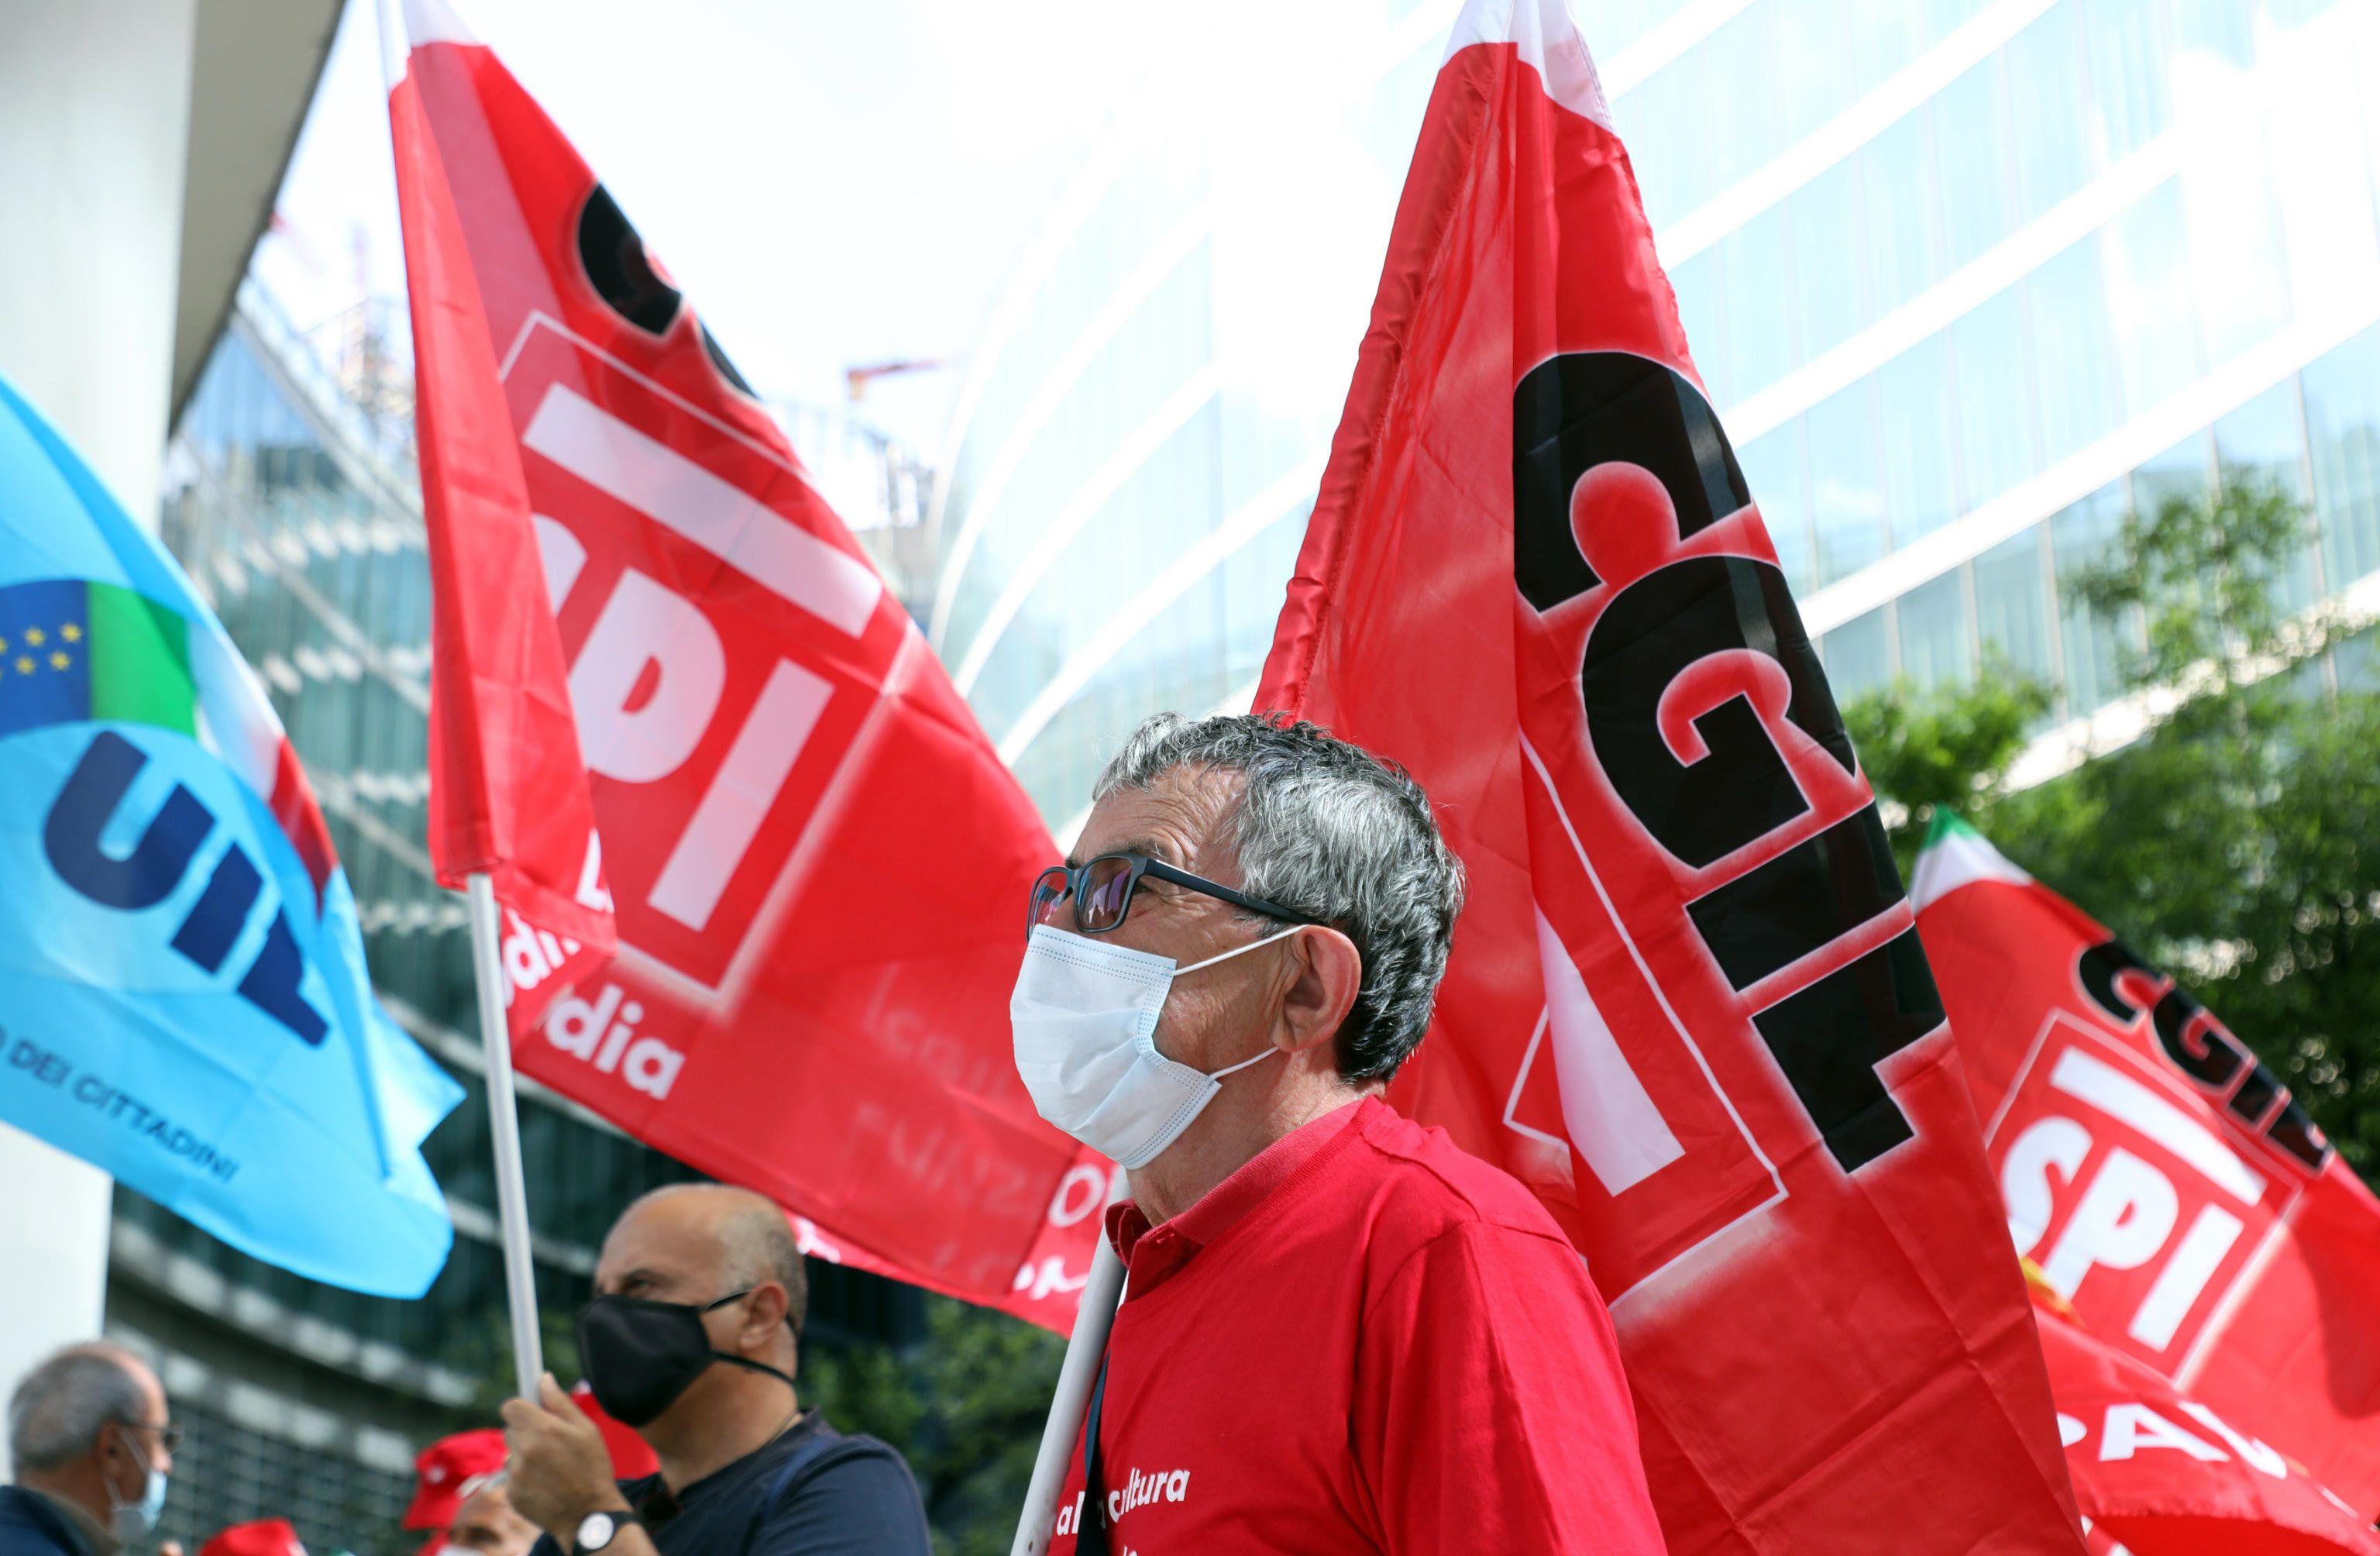 Il corporativismo dei sindacati ha il fiato corto e azzoppa